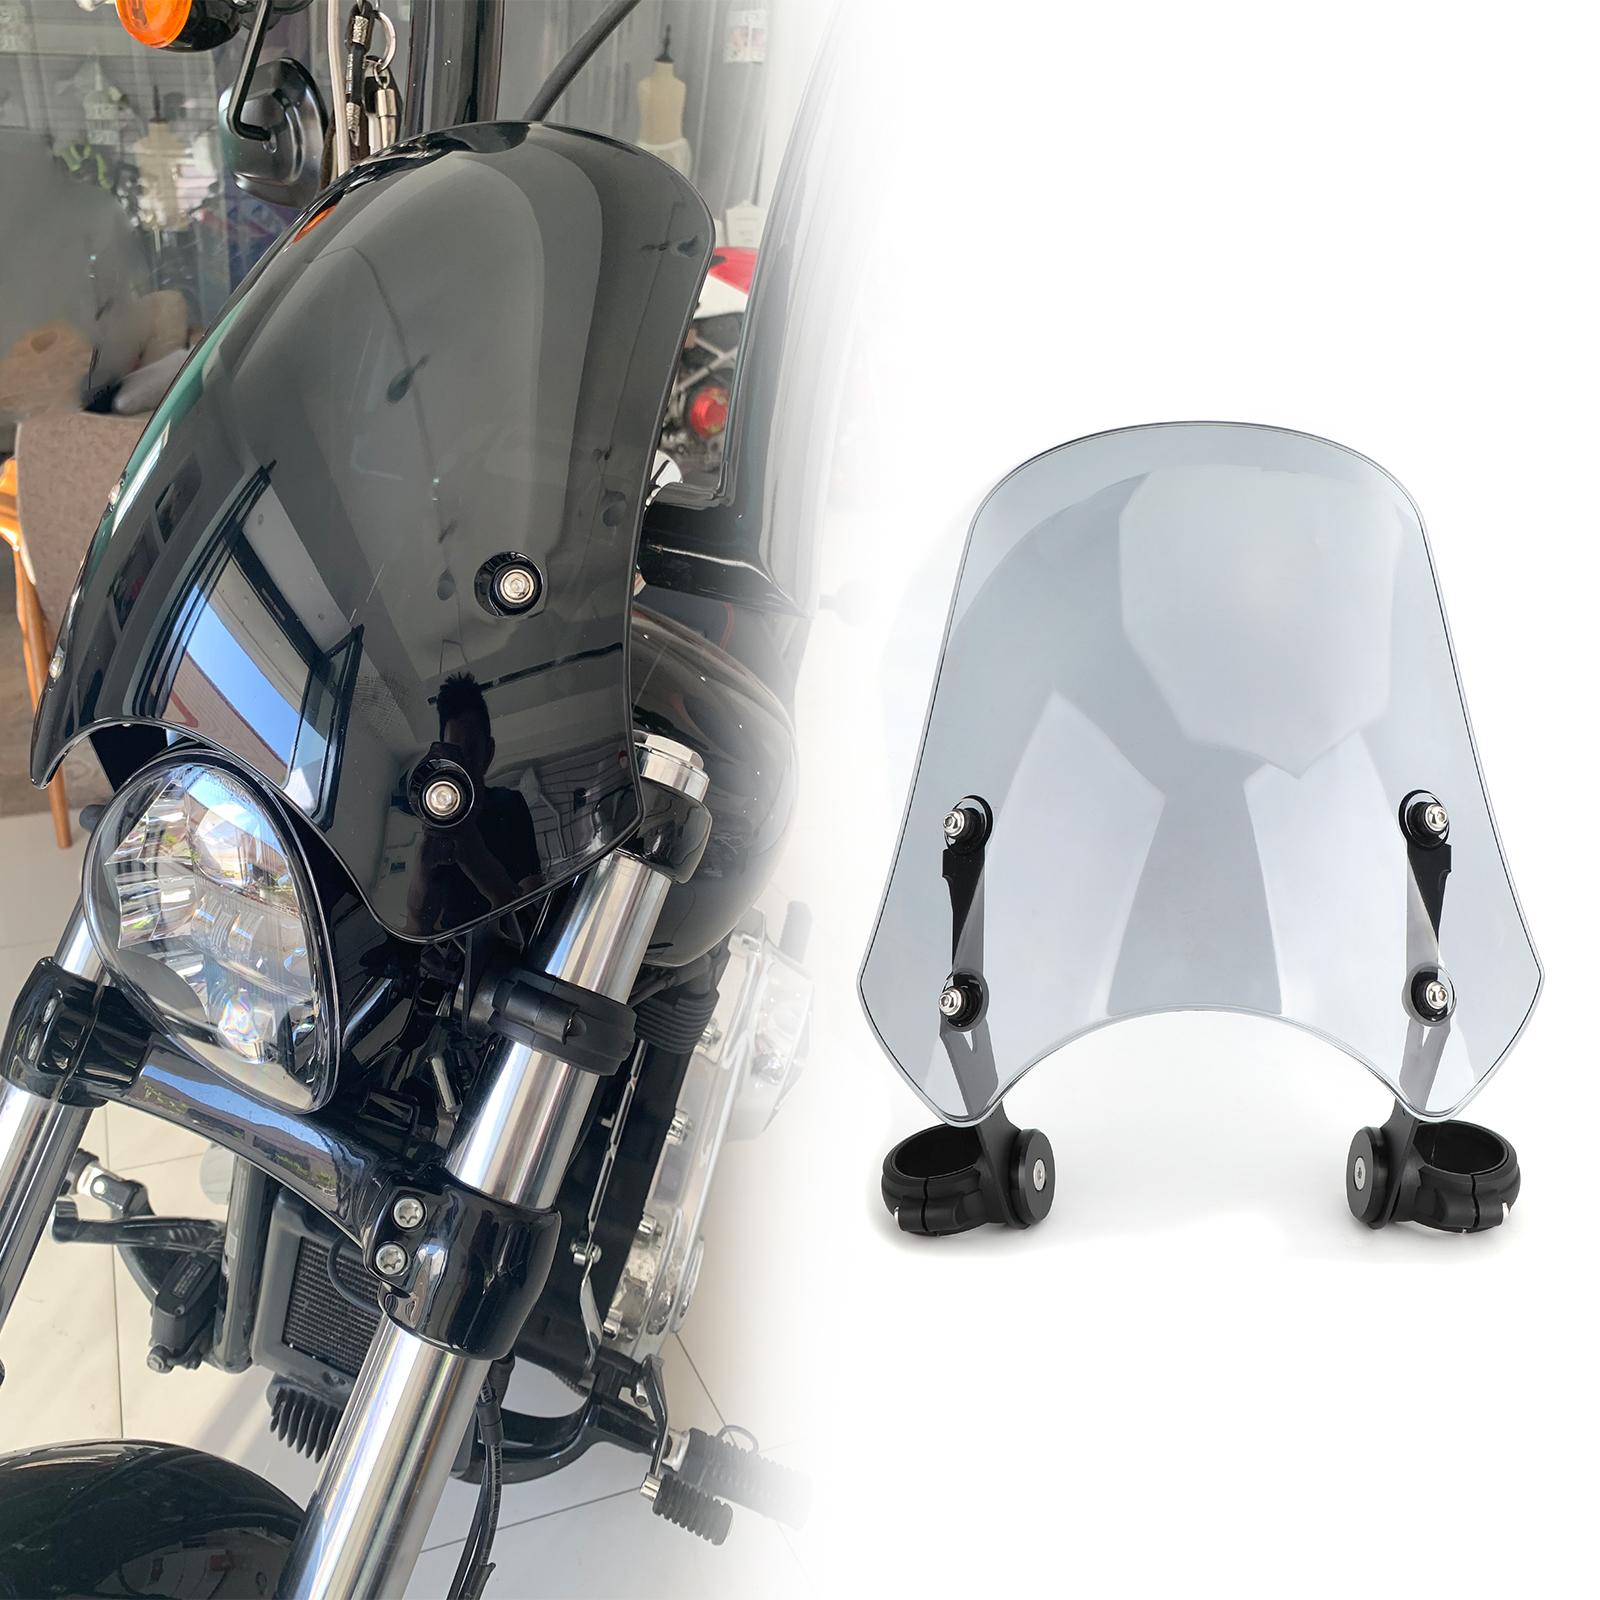 Artudatech Pare-brise en plastique pour moto Harley Dyna Softail